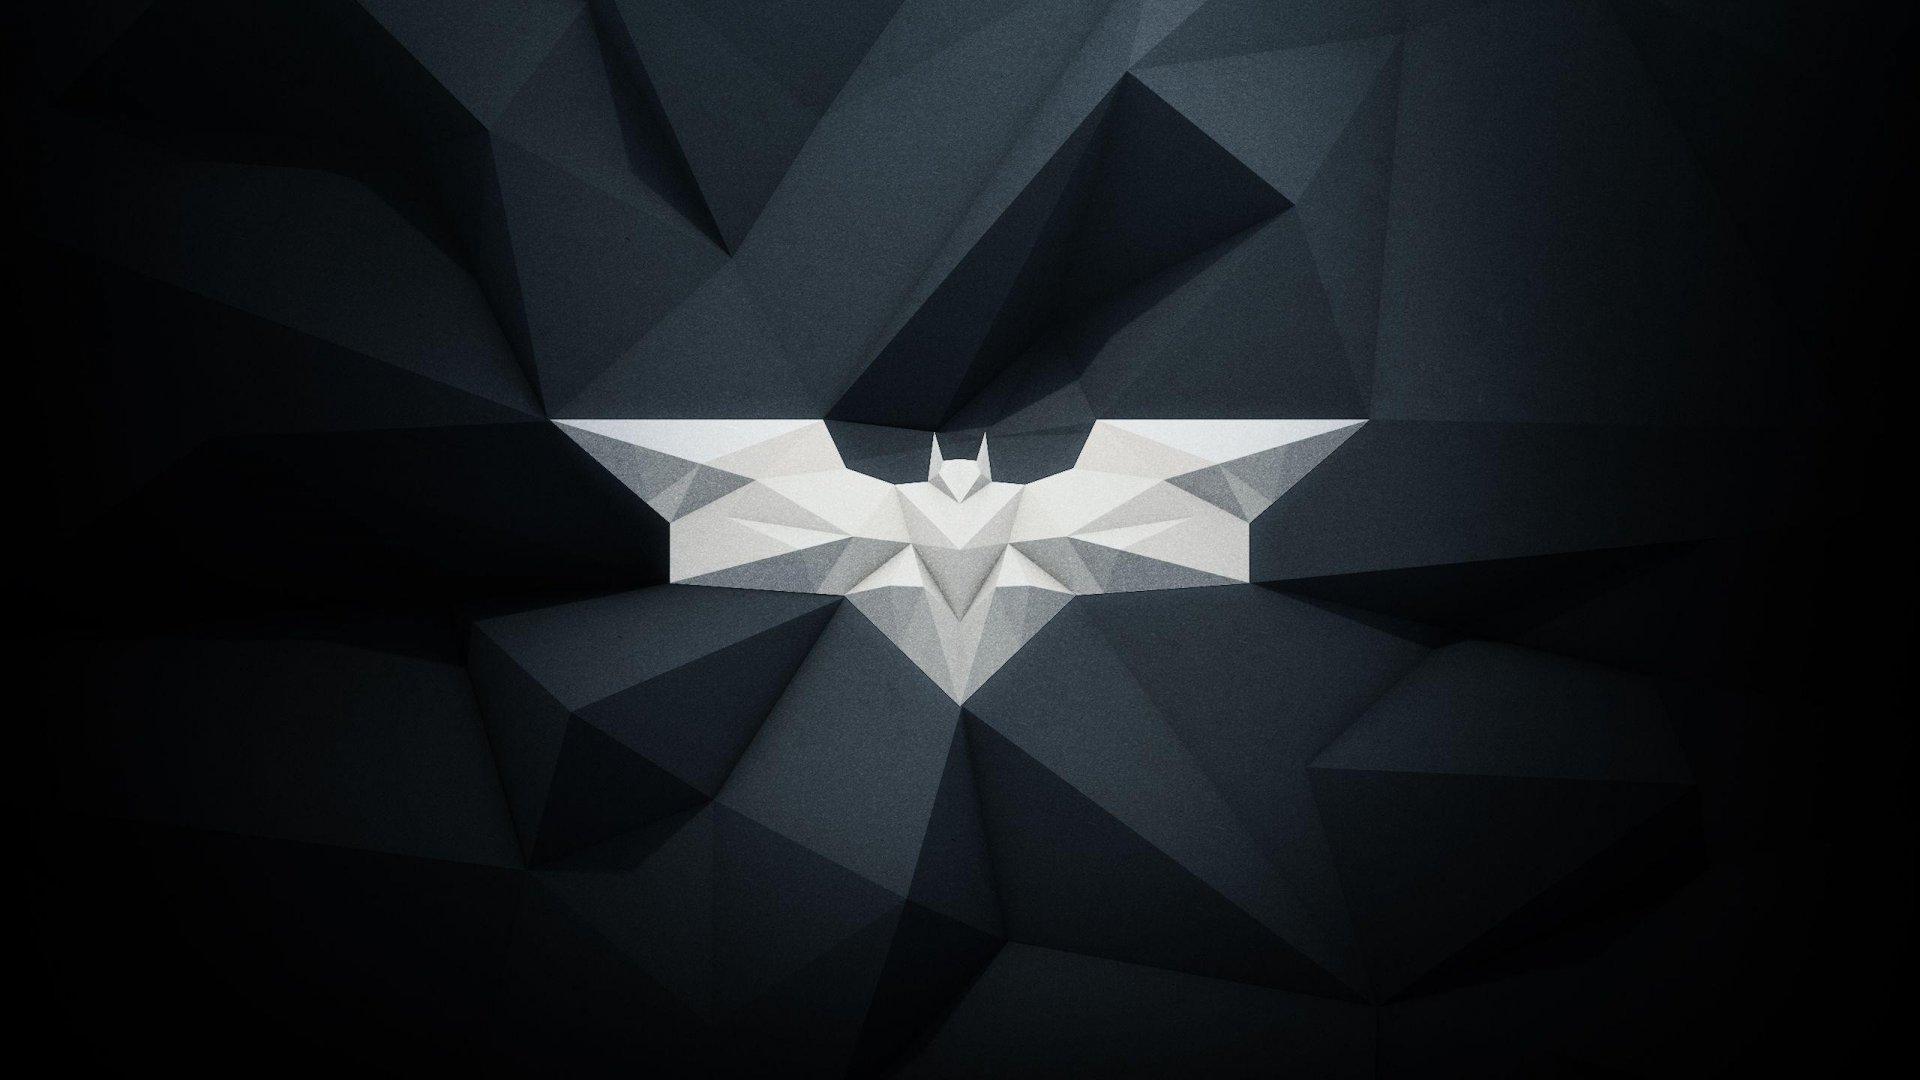 Batman Logo Poligonal Fondo De Pantalla 2k Quad Hd Id2921